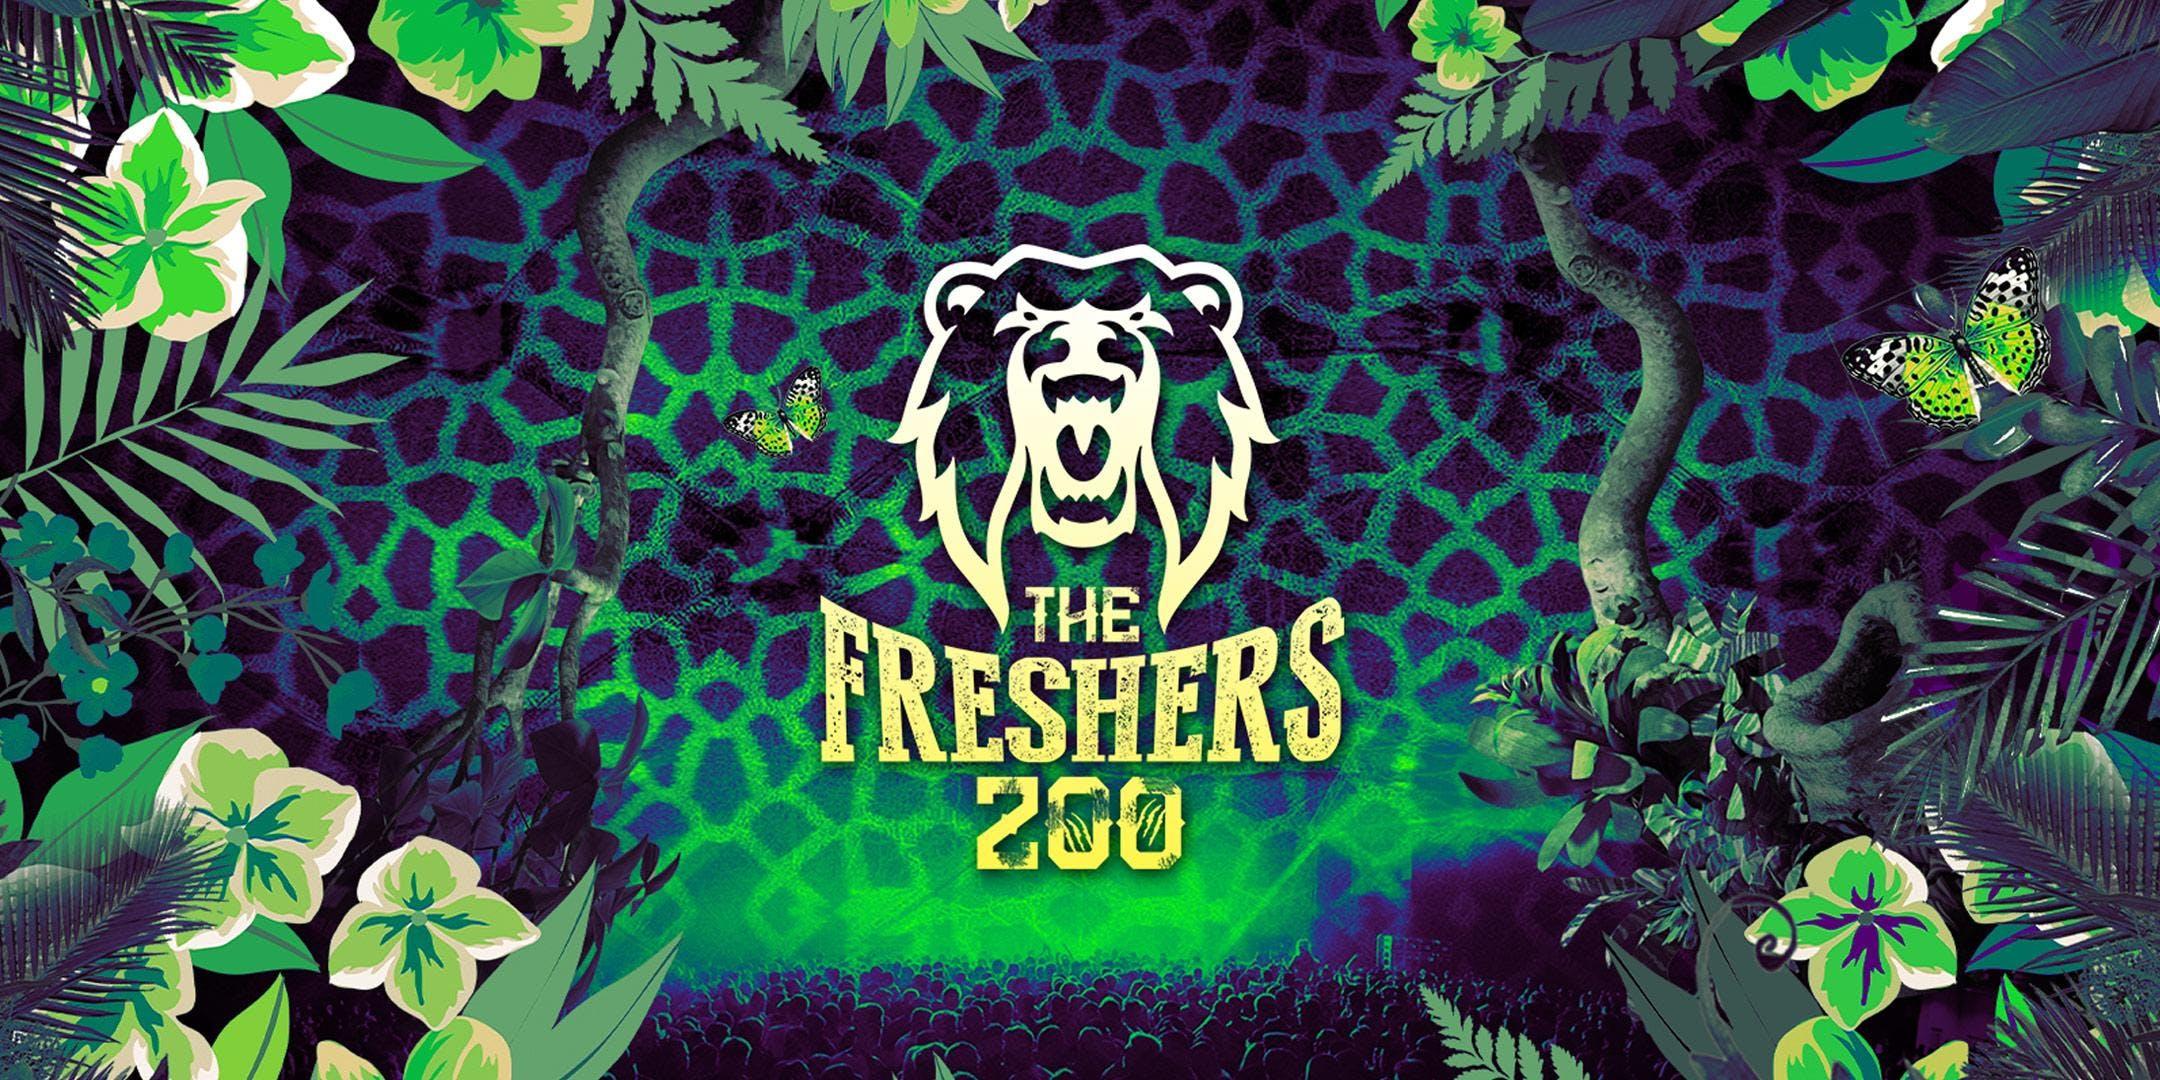 The Freshers Zoo - London Freshers 2019